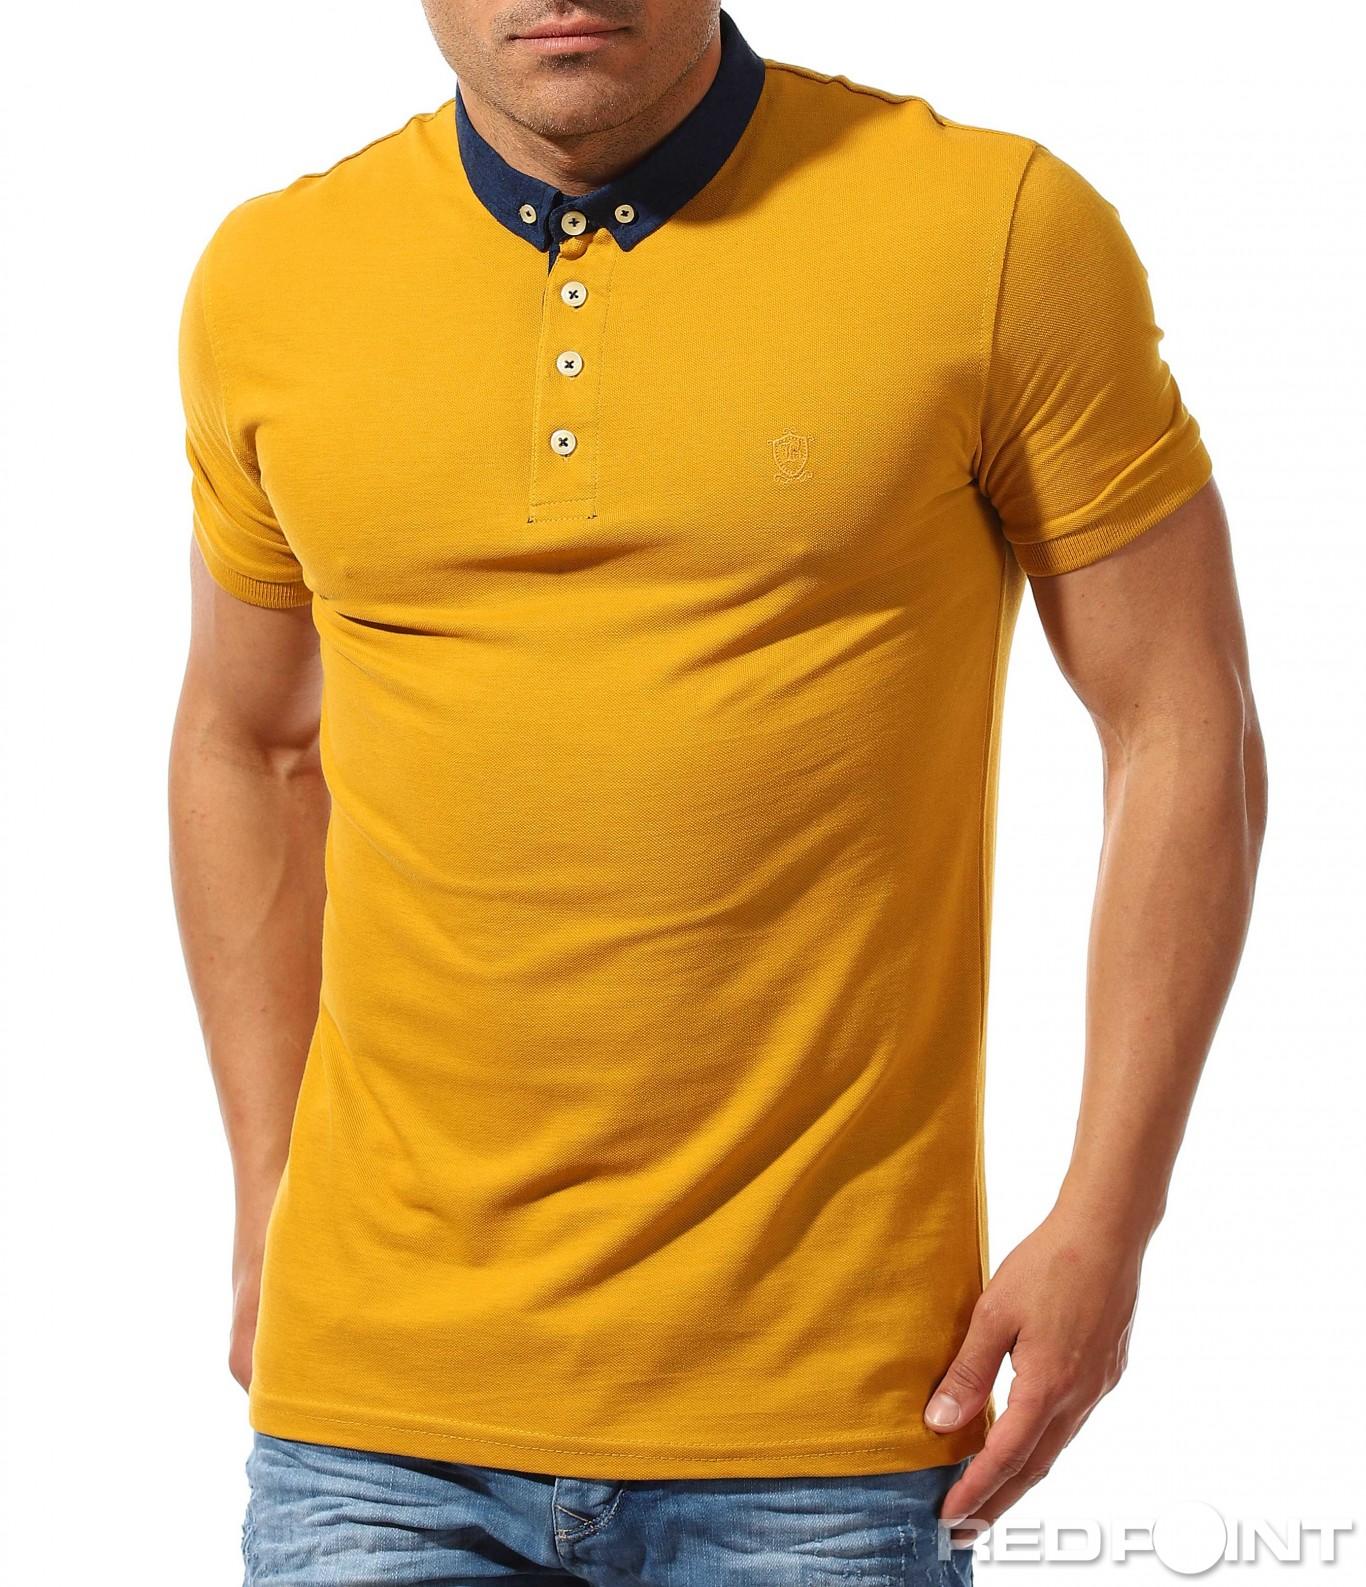 47aec1304c9 Изчистена поло тениска с малка яка 9620 - Red Point Варна